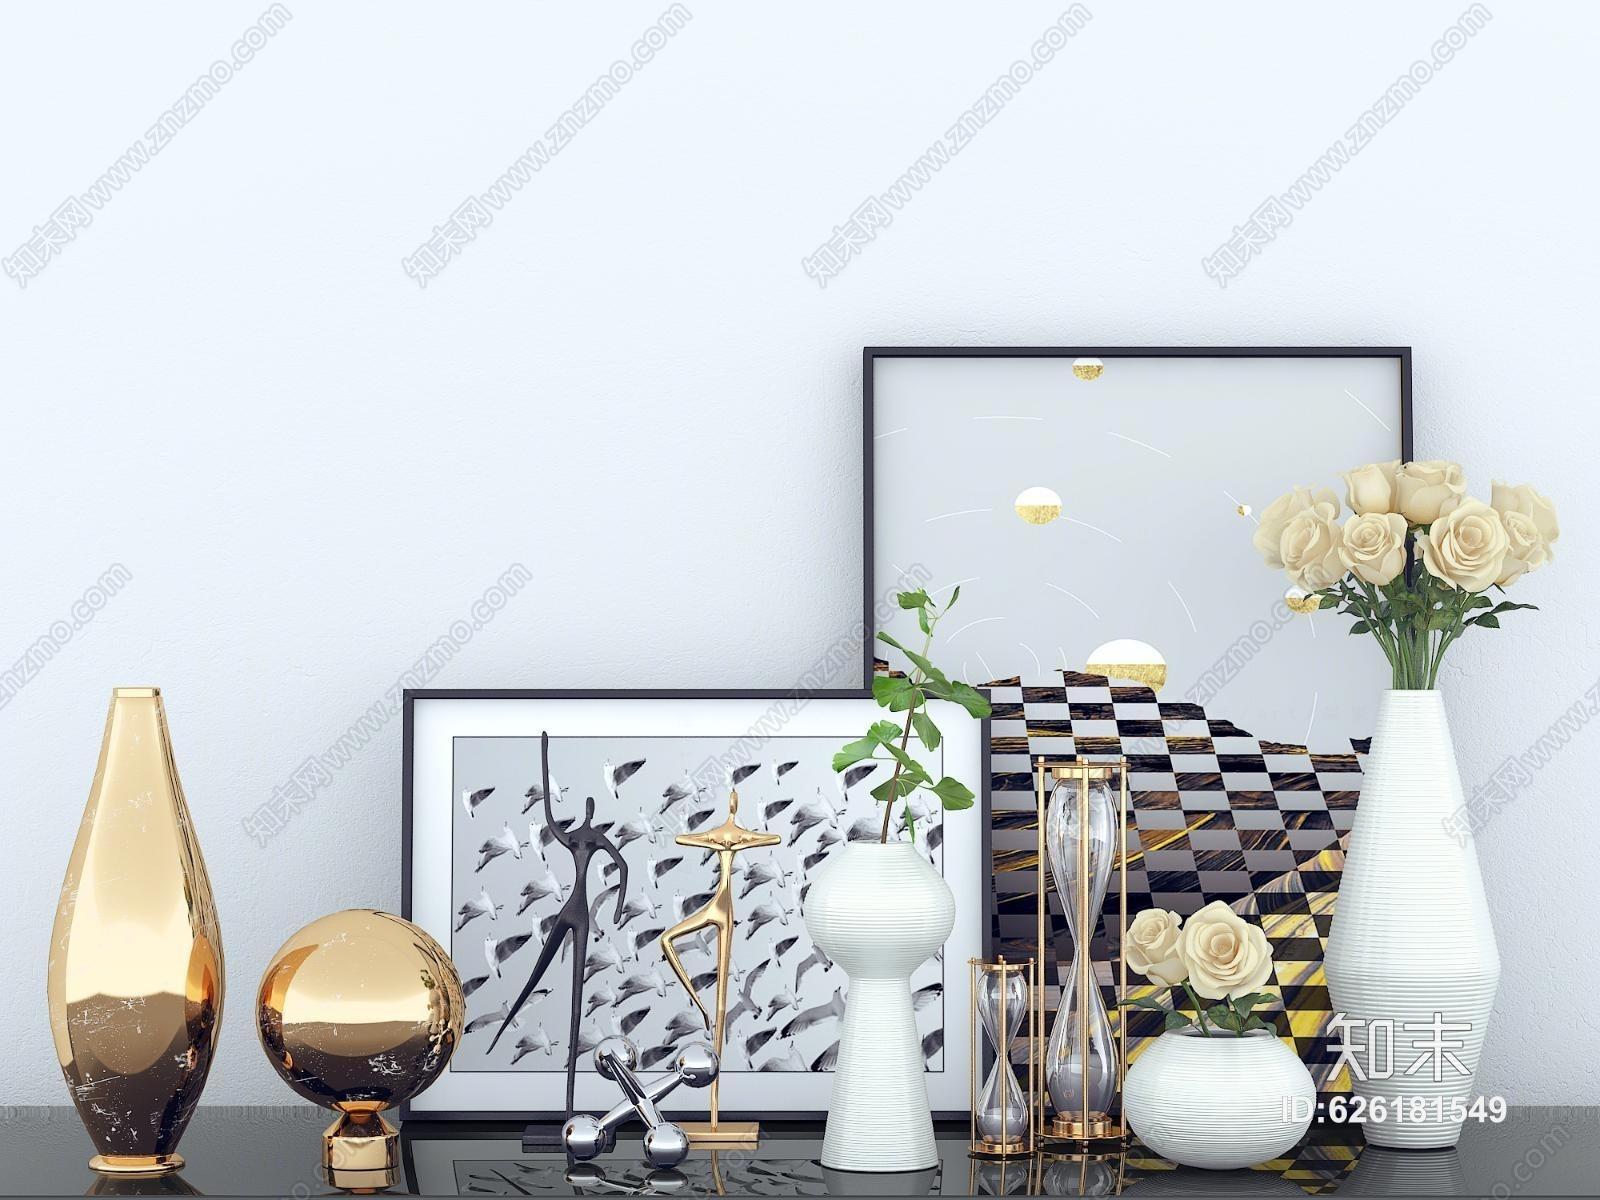 现代摆件 现代摆件 花瓶 装饰画 装饰品